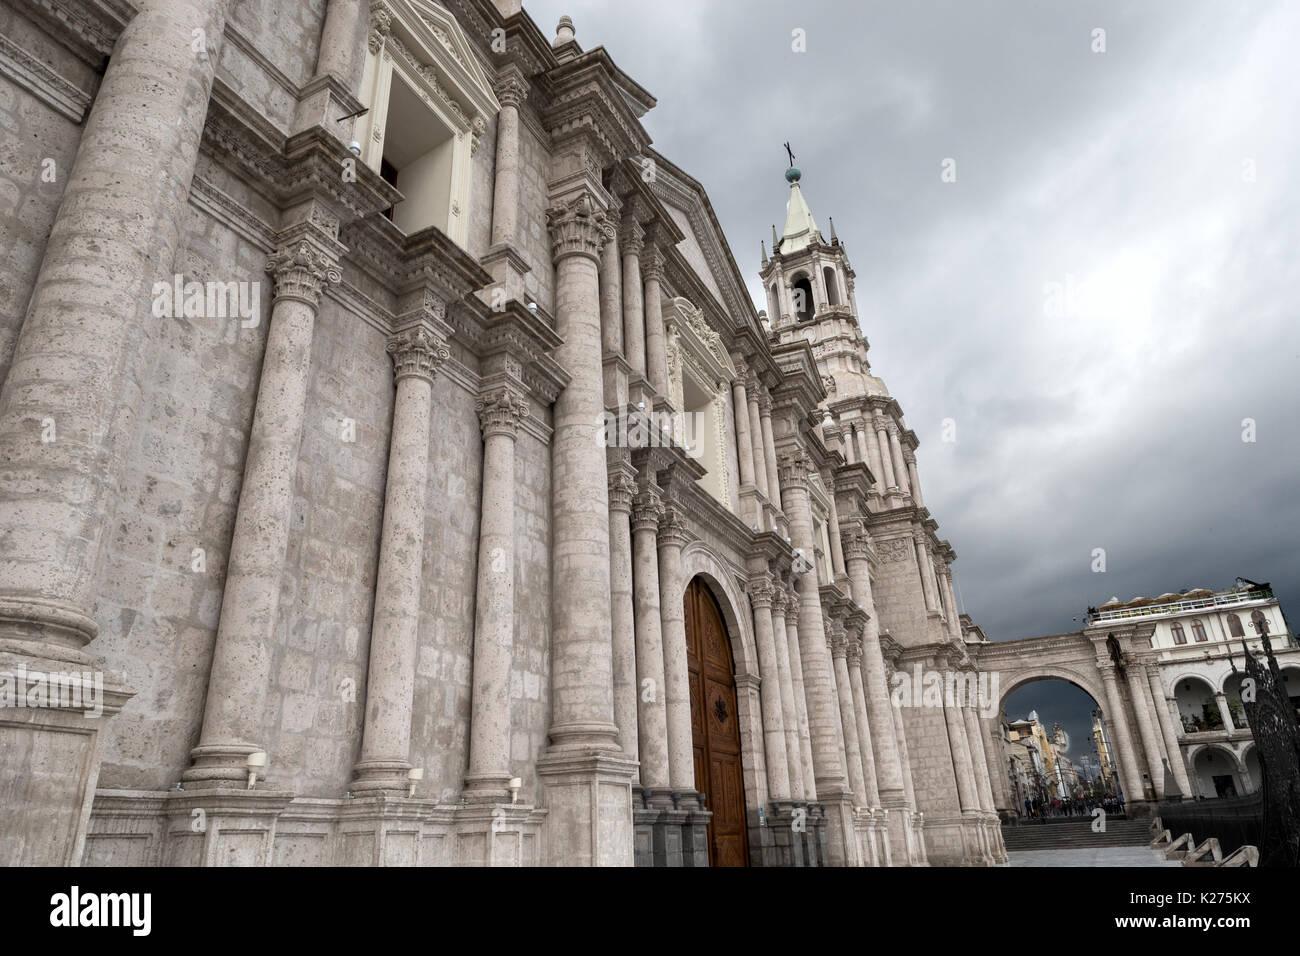 Basilica Catedral Arequipa Peru - Stock Image